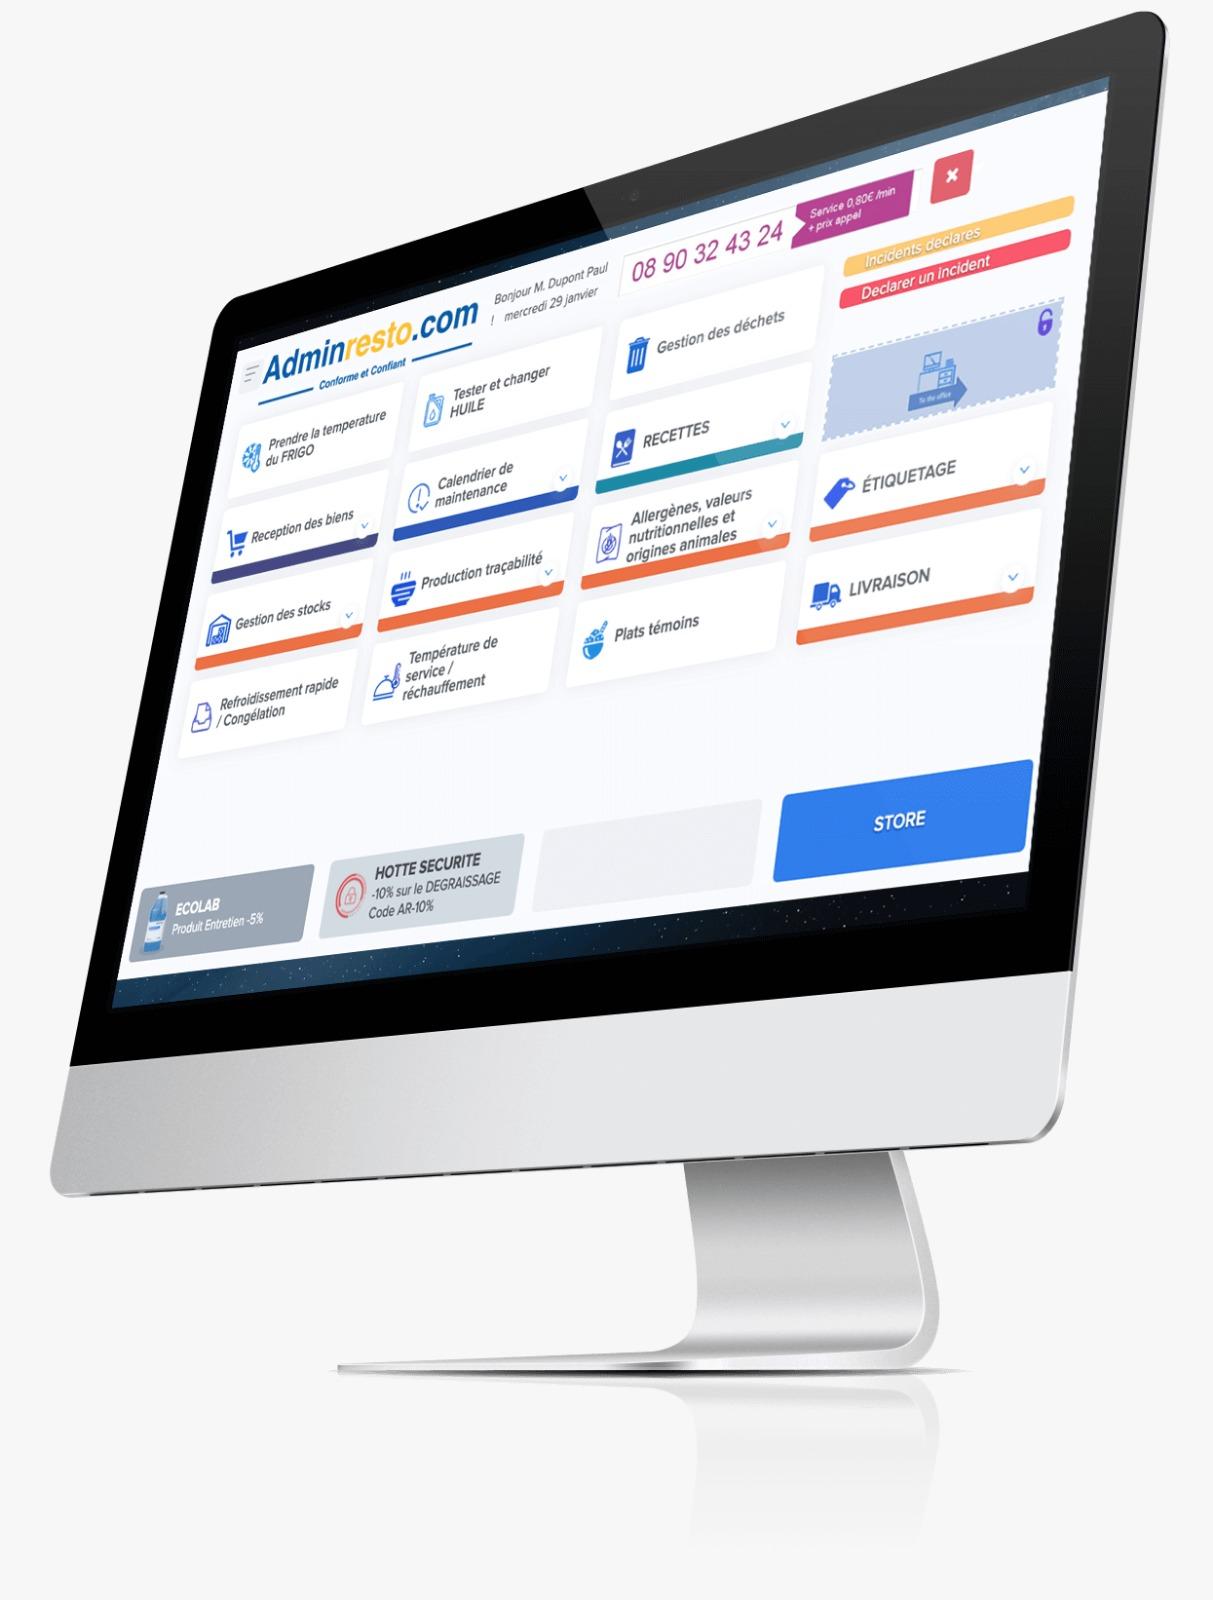 Adminresto : un site pour simplifier les démarches administratives des secteurs de la restauration et de l'hôtellerie